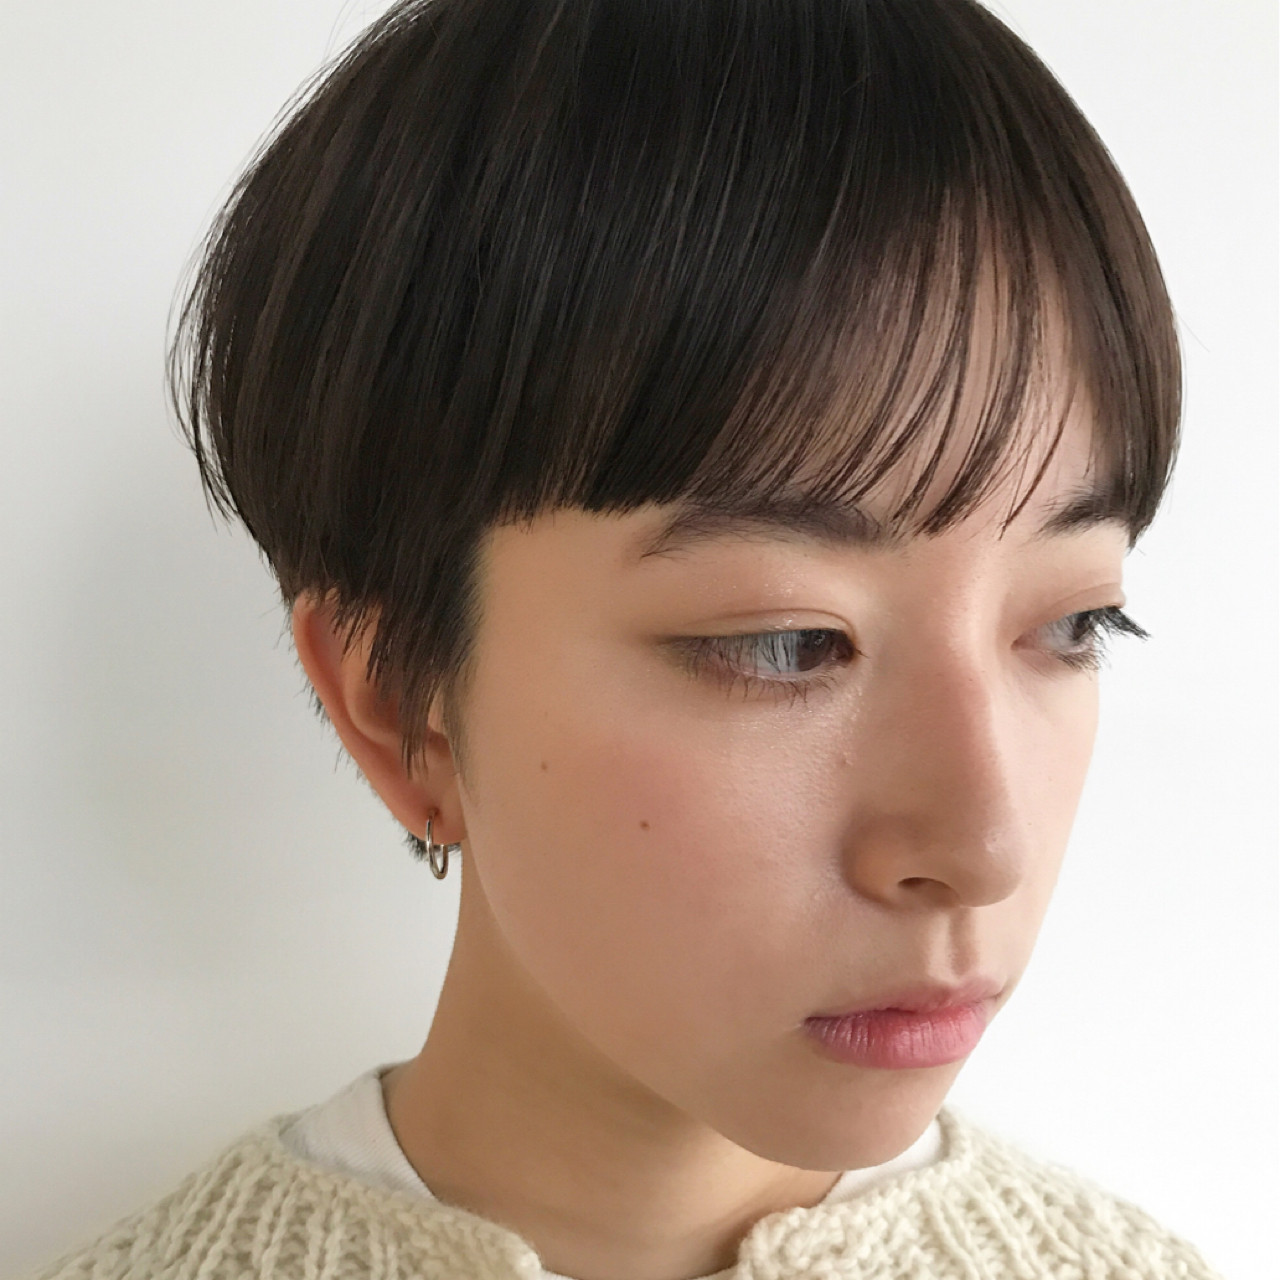 ベリーショート マッシュ ナチュラル かっこいい ヘアスタイルや髪型の写真・画像